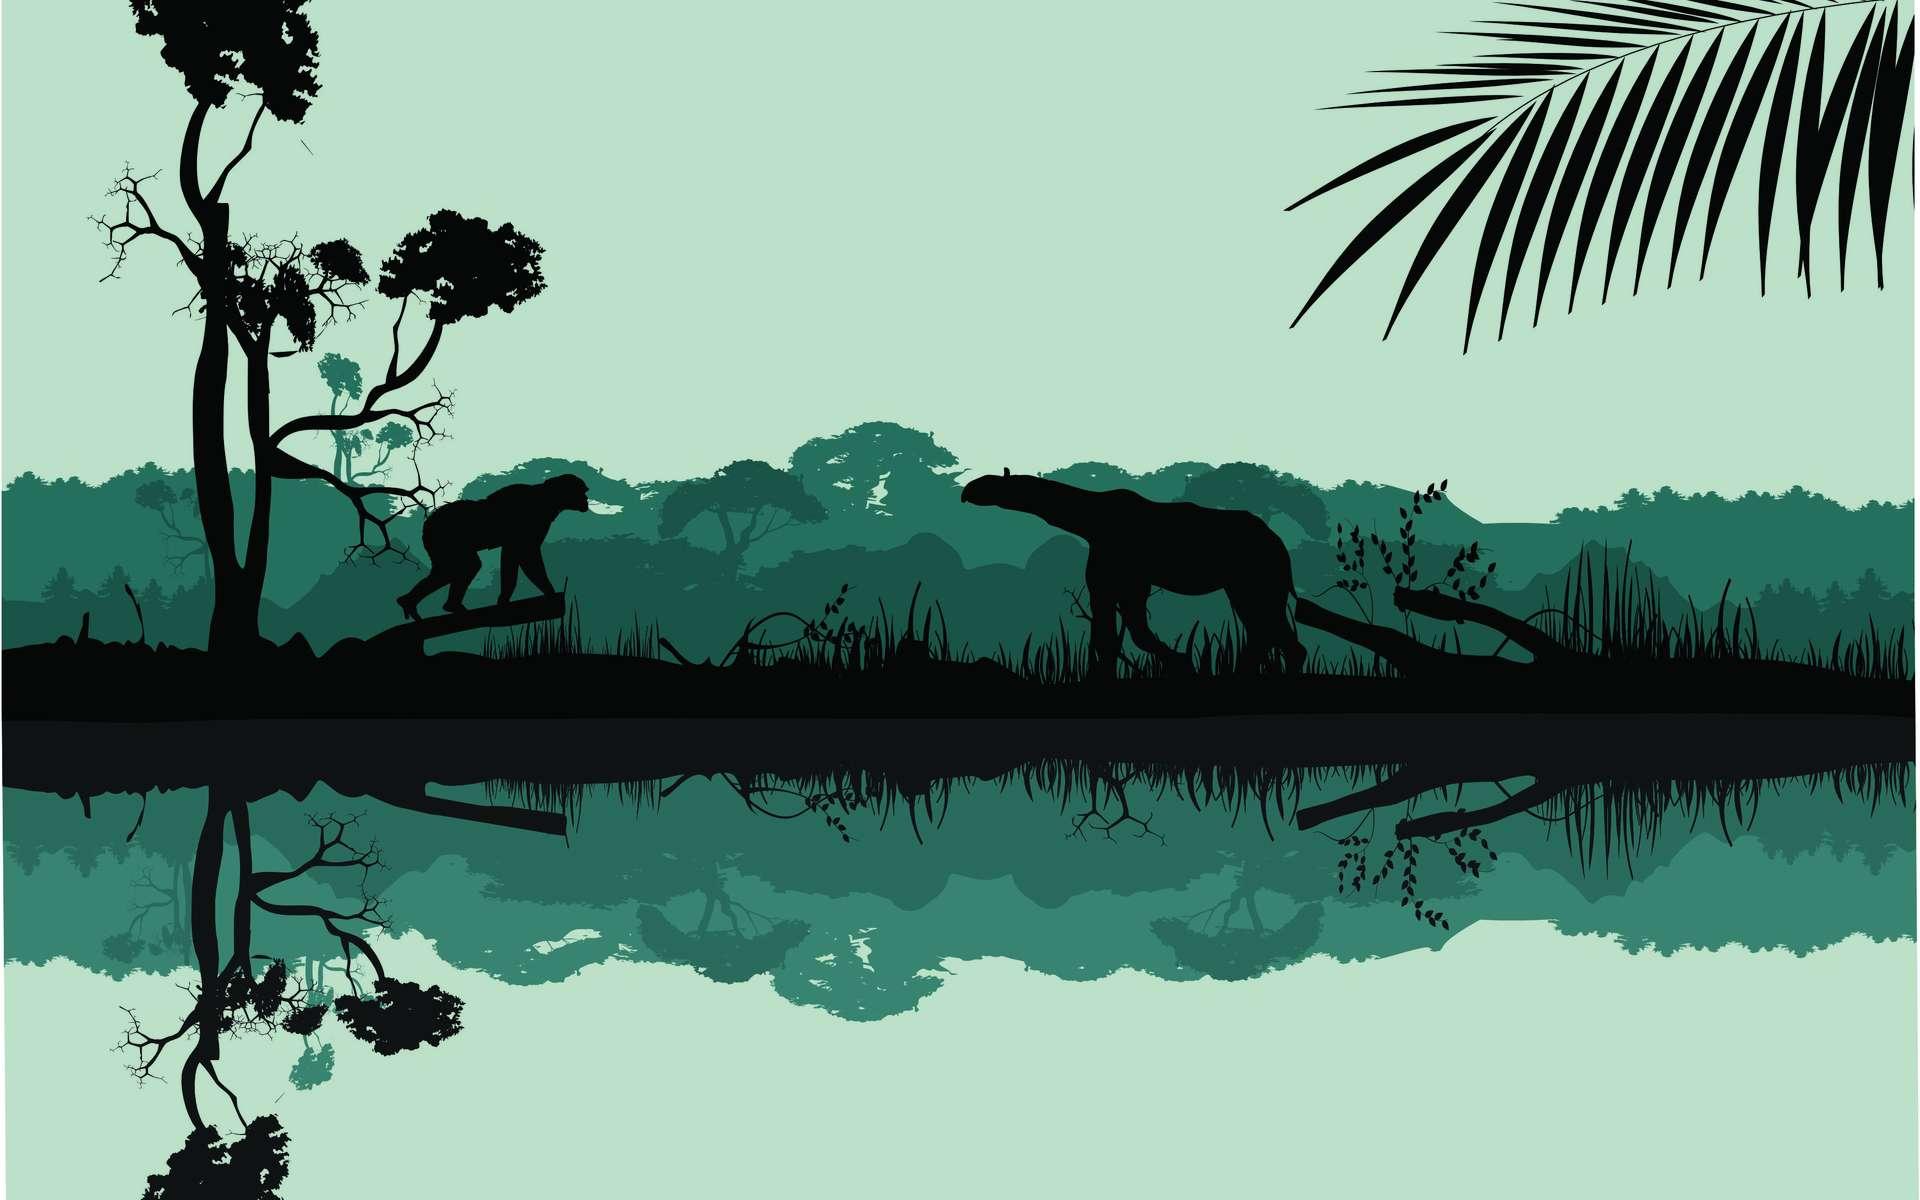 La vie a connu une diversification très rapide après l'extinction du Crétacé-Tertiaire. © Massaget, Adobe Stock